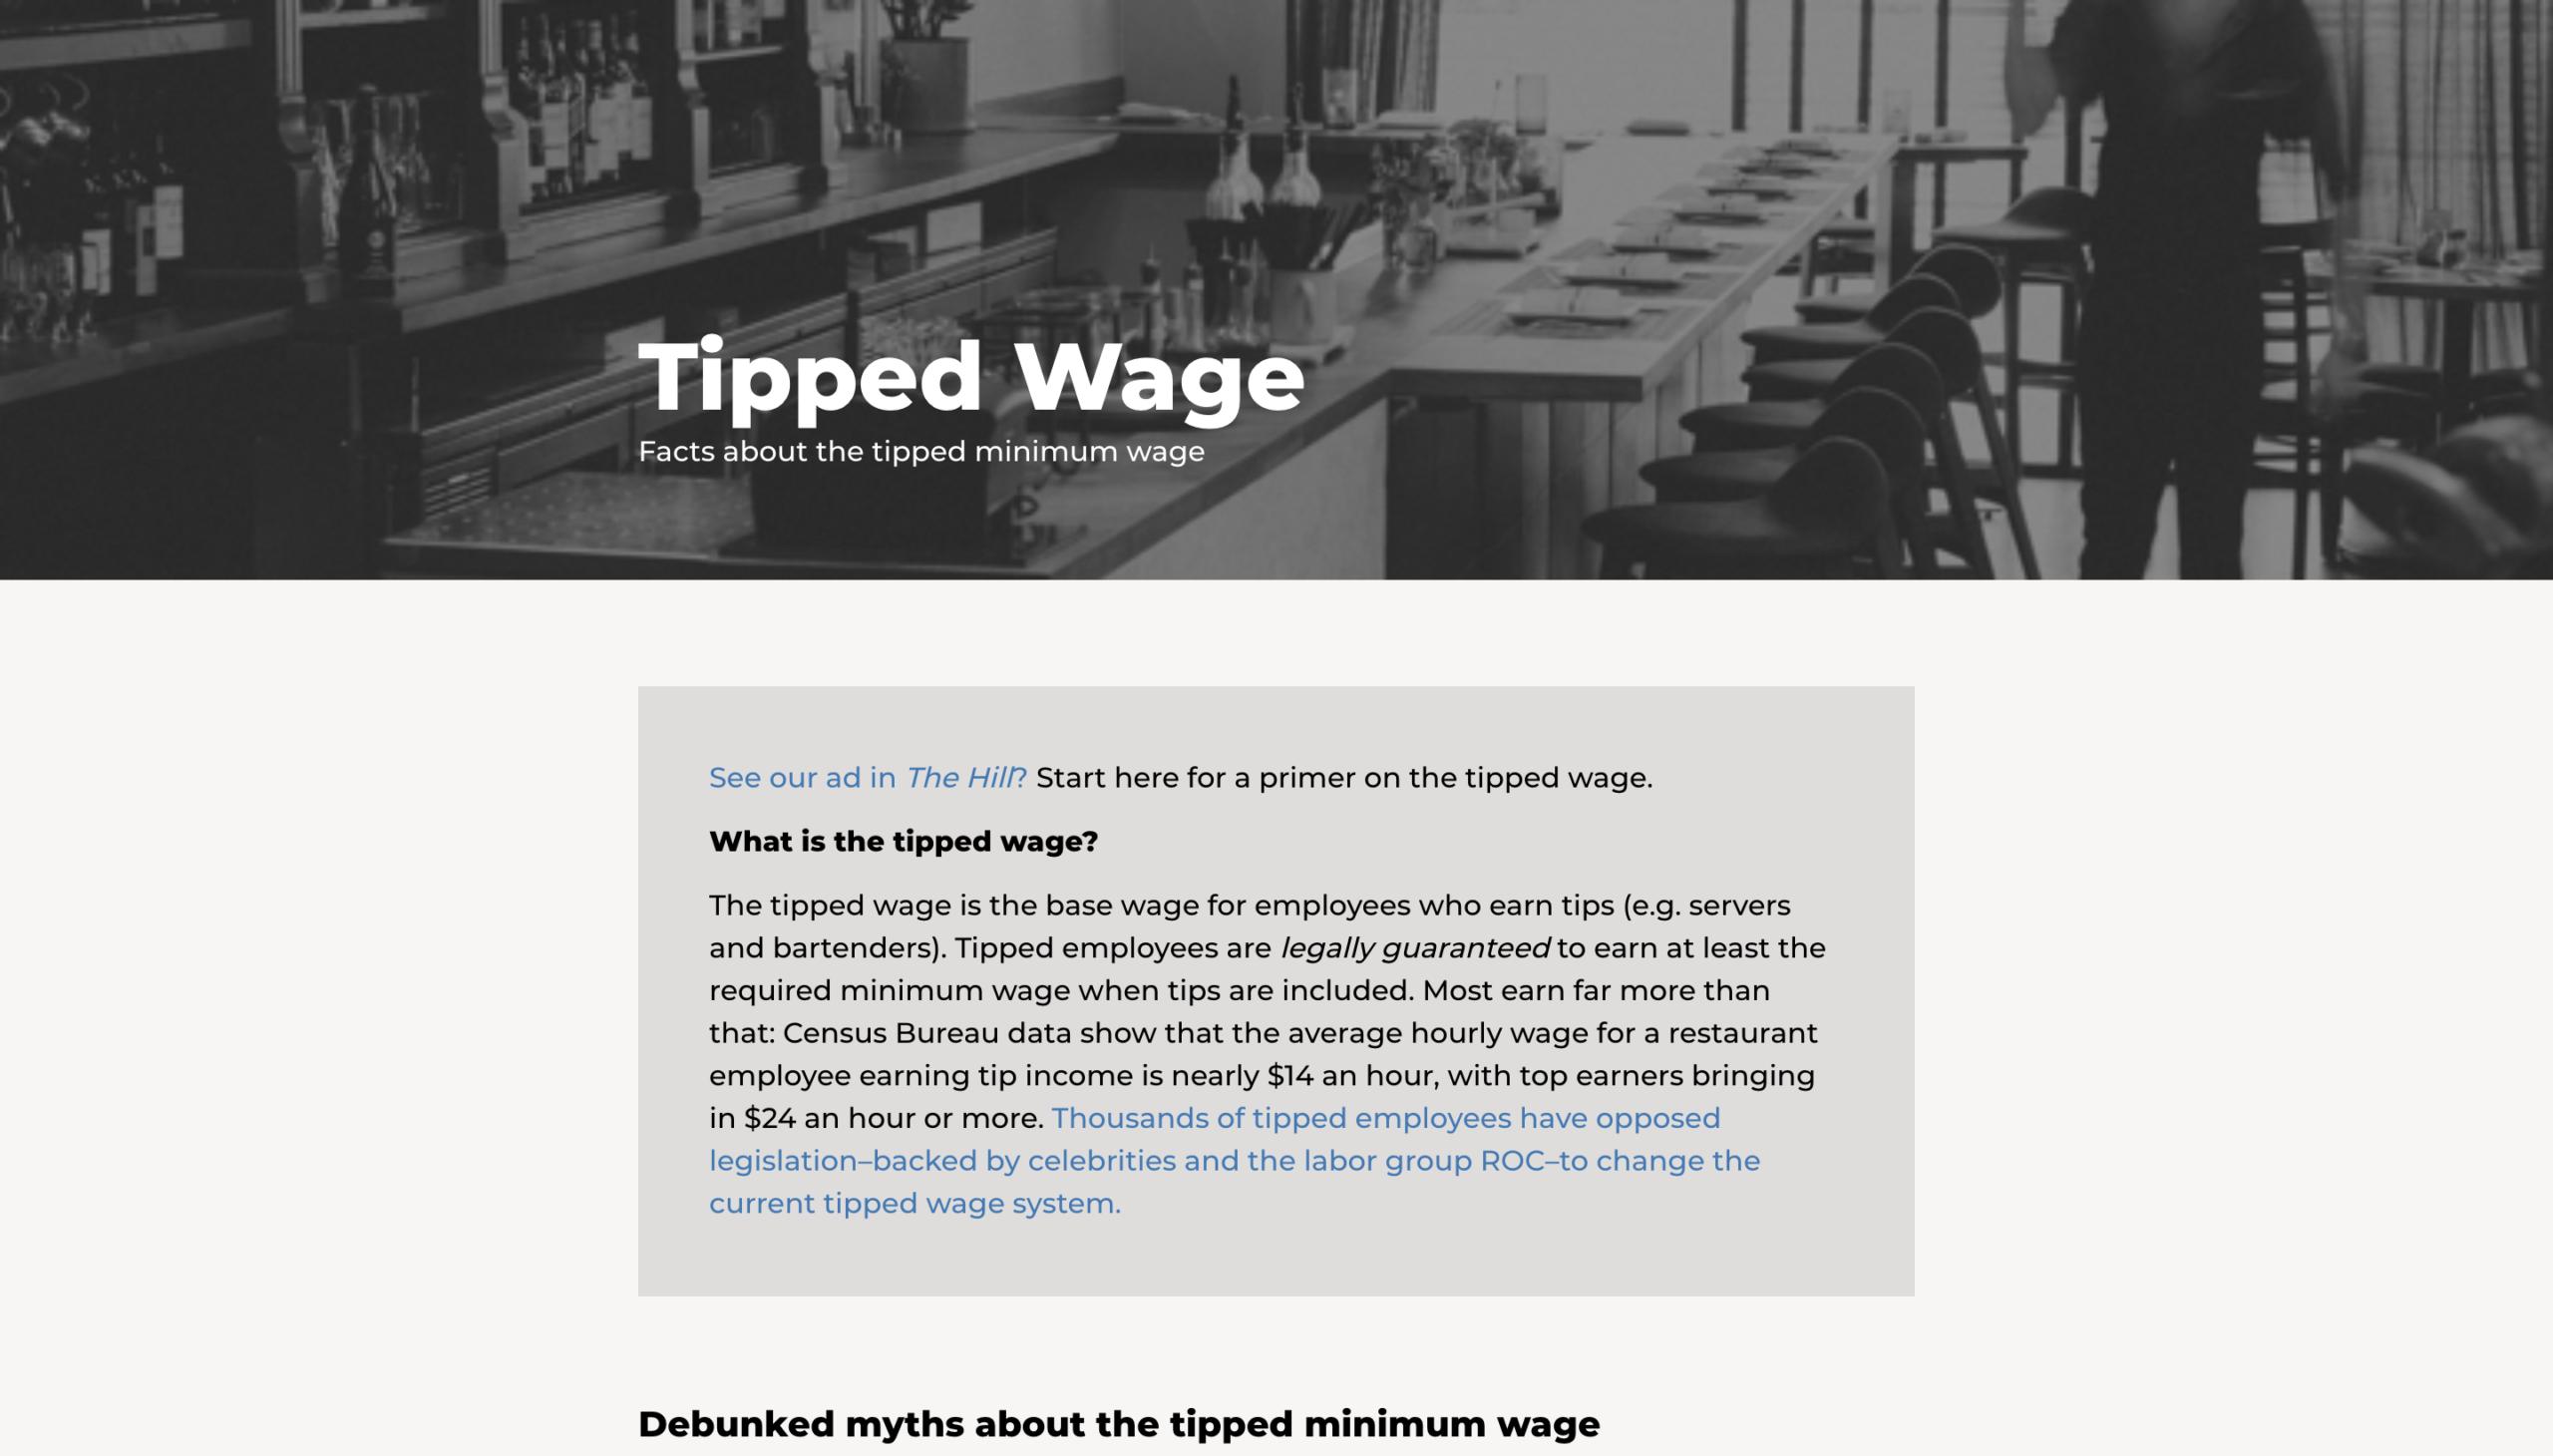 TippedWage.com Image